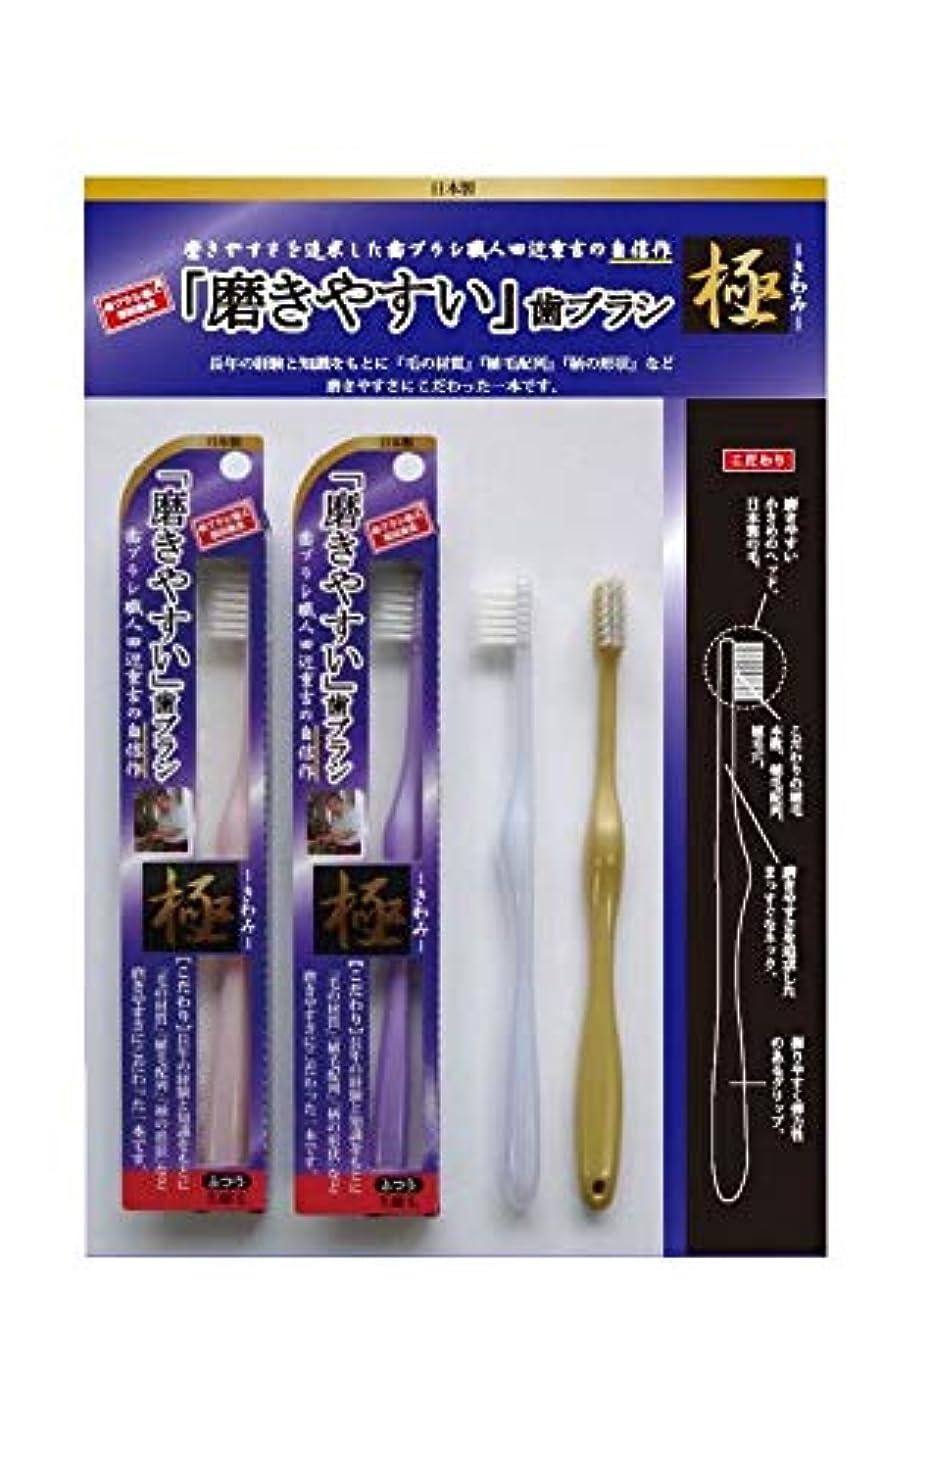 バットさておき餌歯ブラシ職人 田辺重吉 磨きやすい歯ブラシ 極 先細毛タイプ LT-22(1本×4個セット)